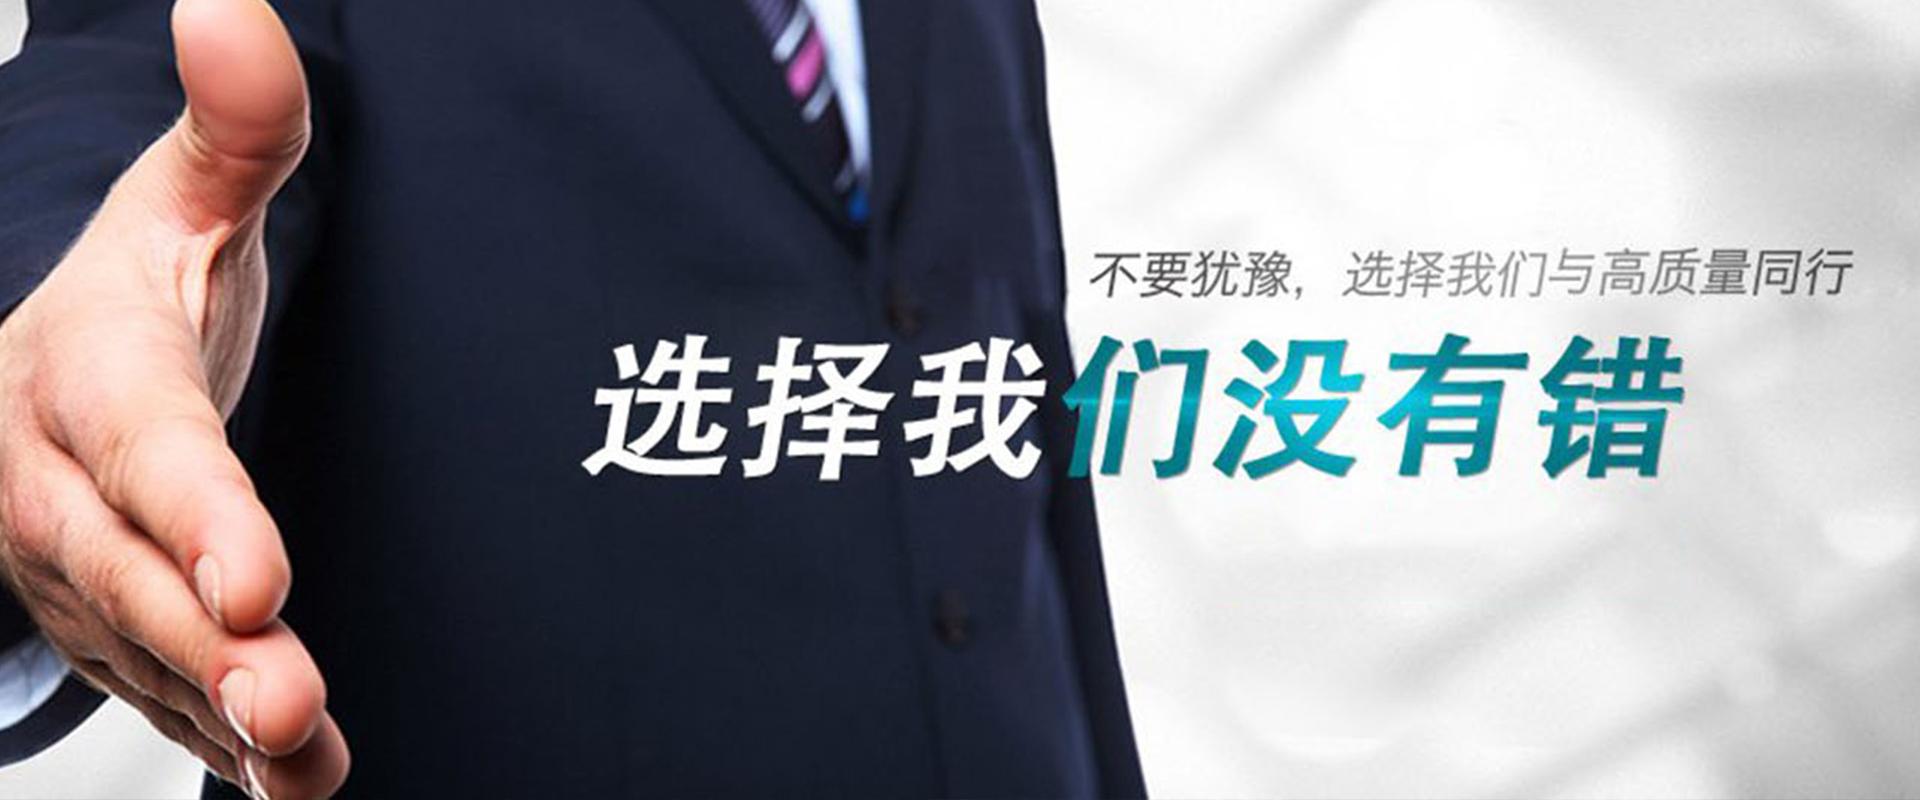 上海外遇调查